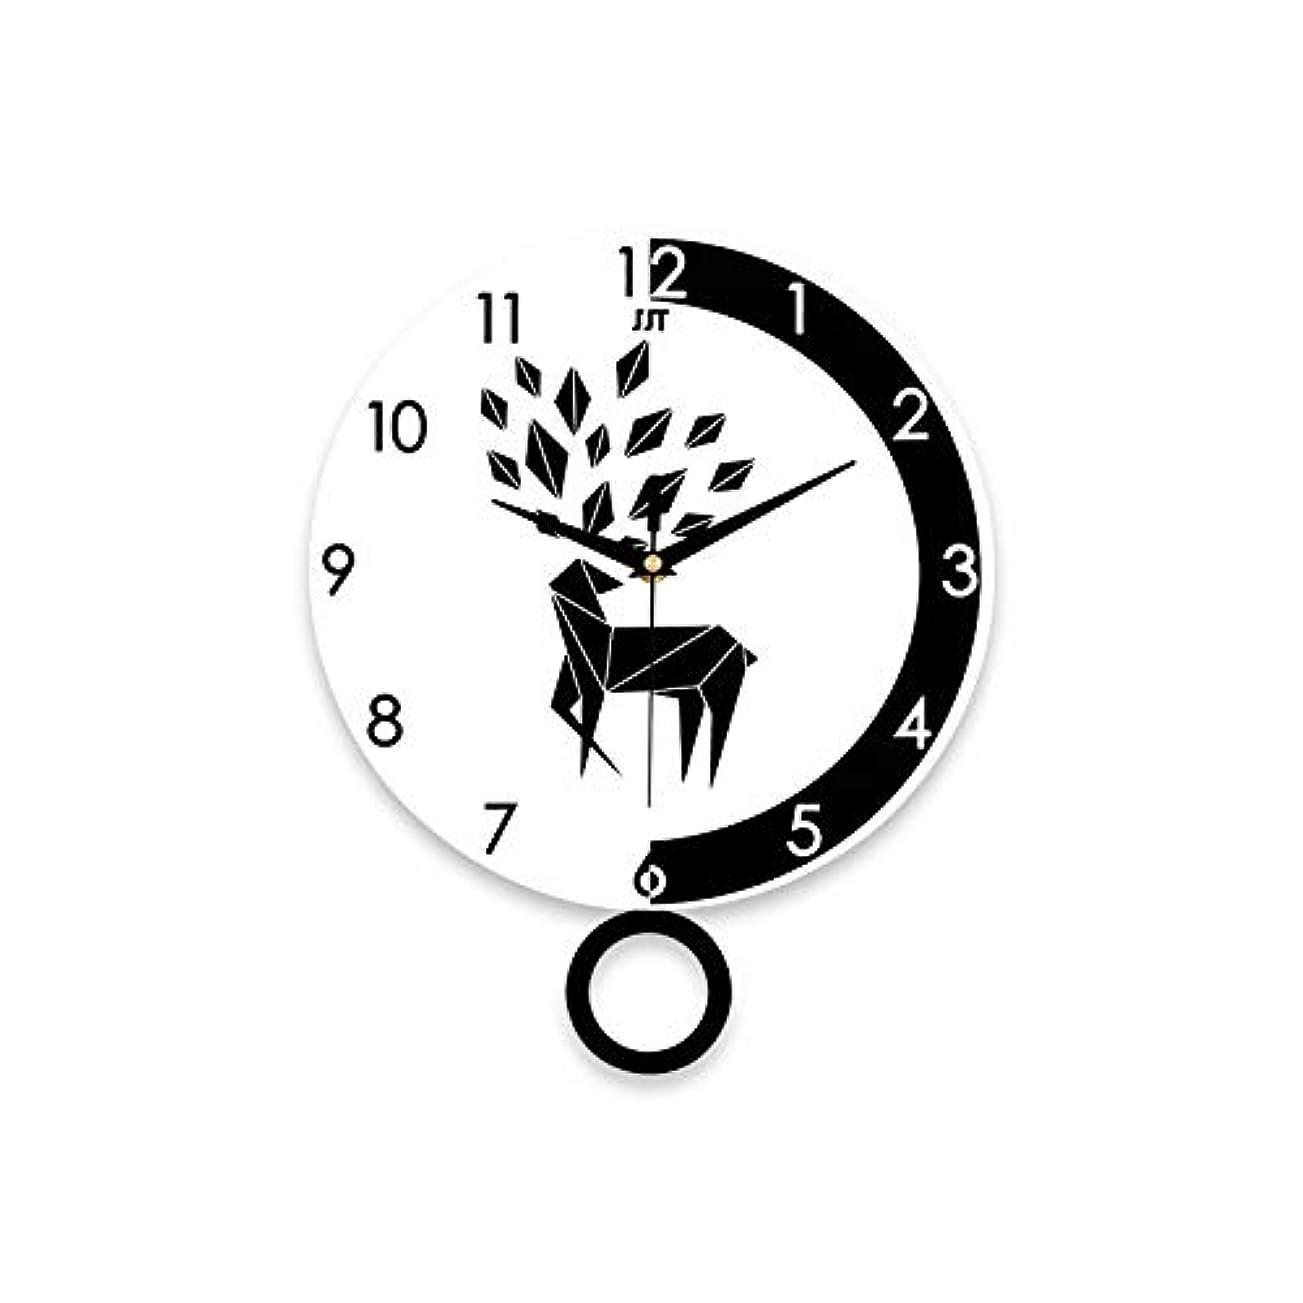 ズーム八アークウォールクロックシンプルモダン鹿グラフィックサイレントクォーツウォールクロックリビングルームホームデコレーションツールぶら下げ時計